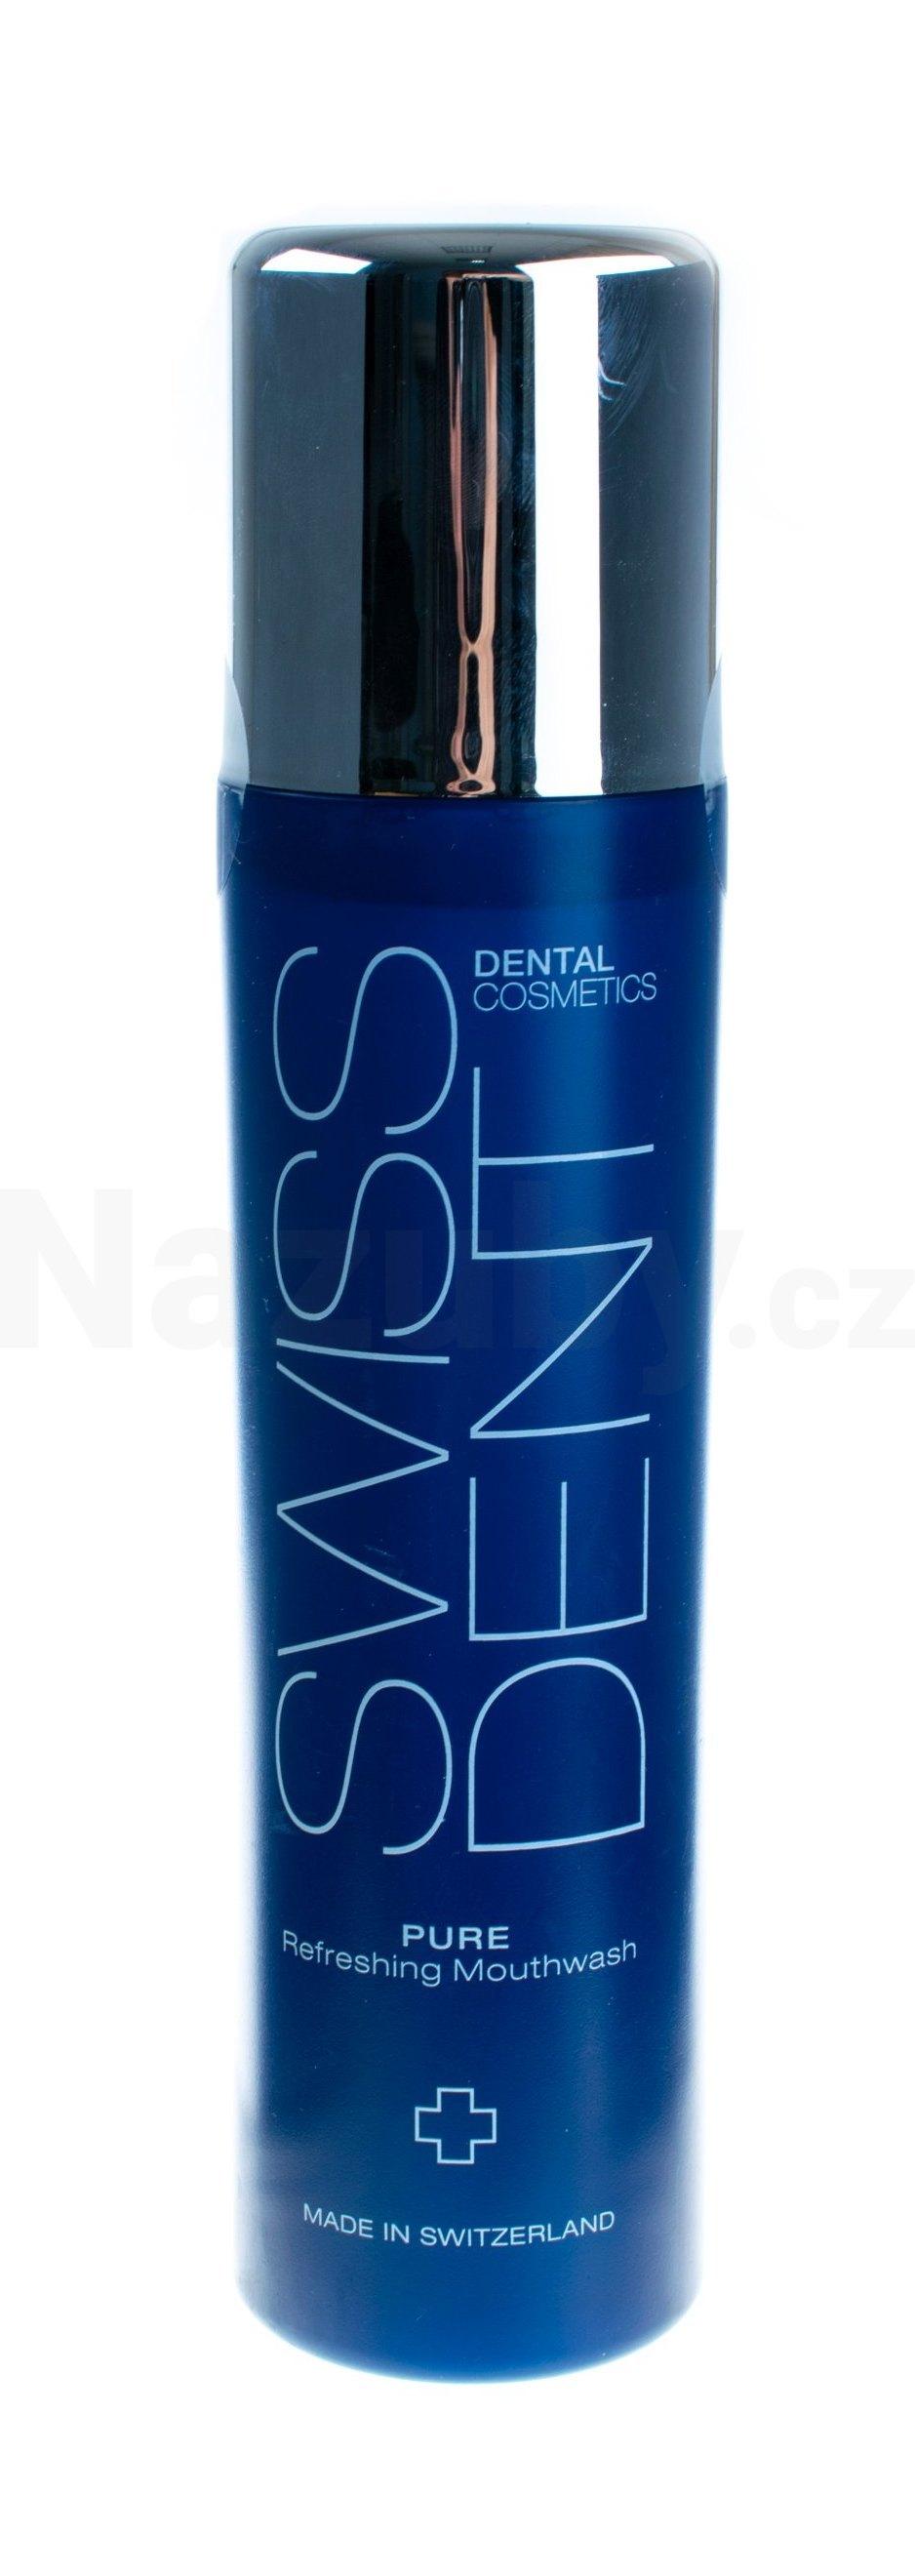 Fotografie Swissdent ústní voda pro dlouhotrvající svěží dech Pure 300 ml